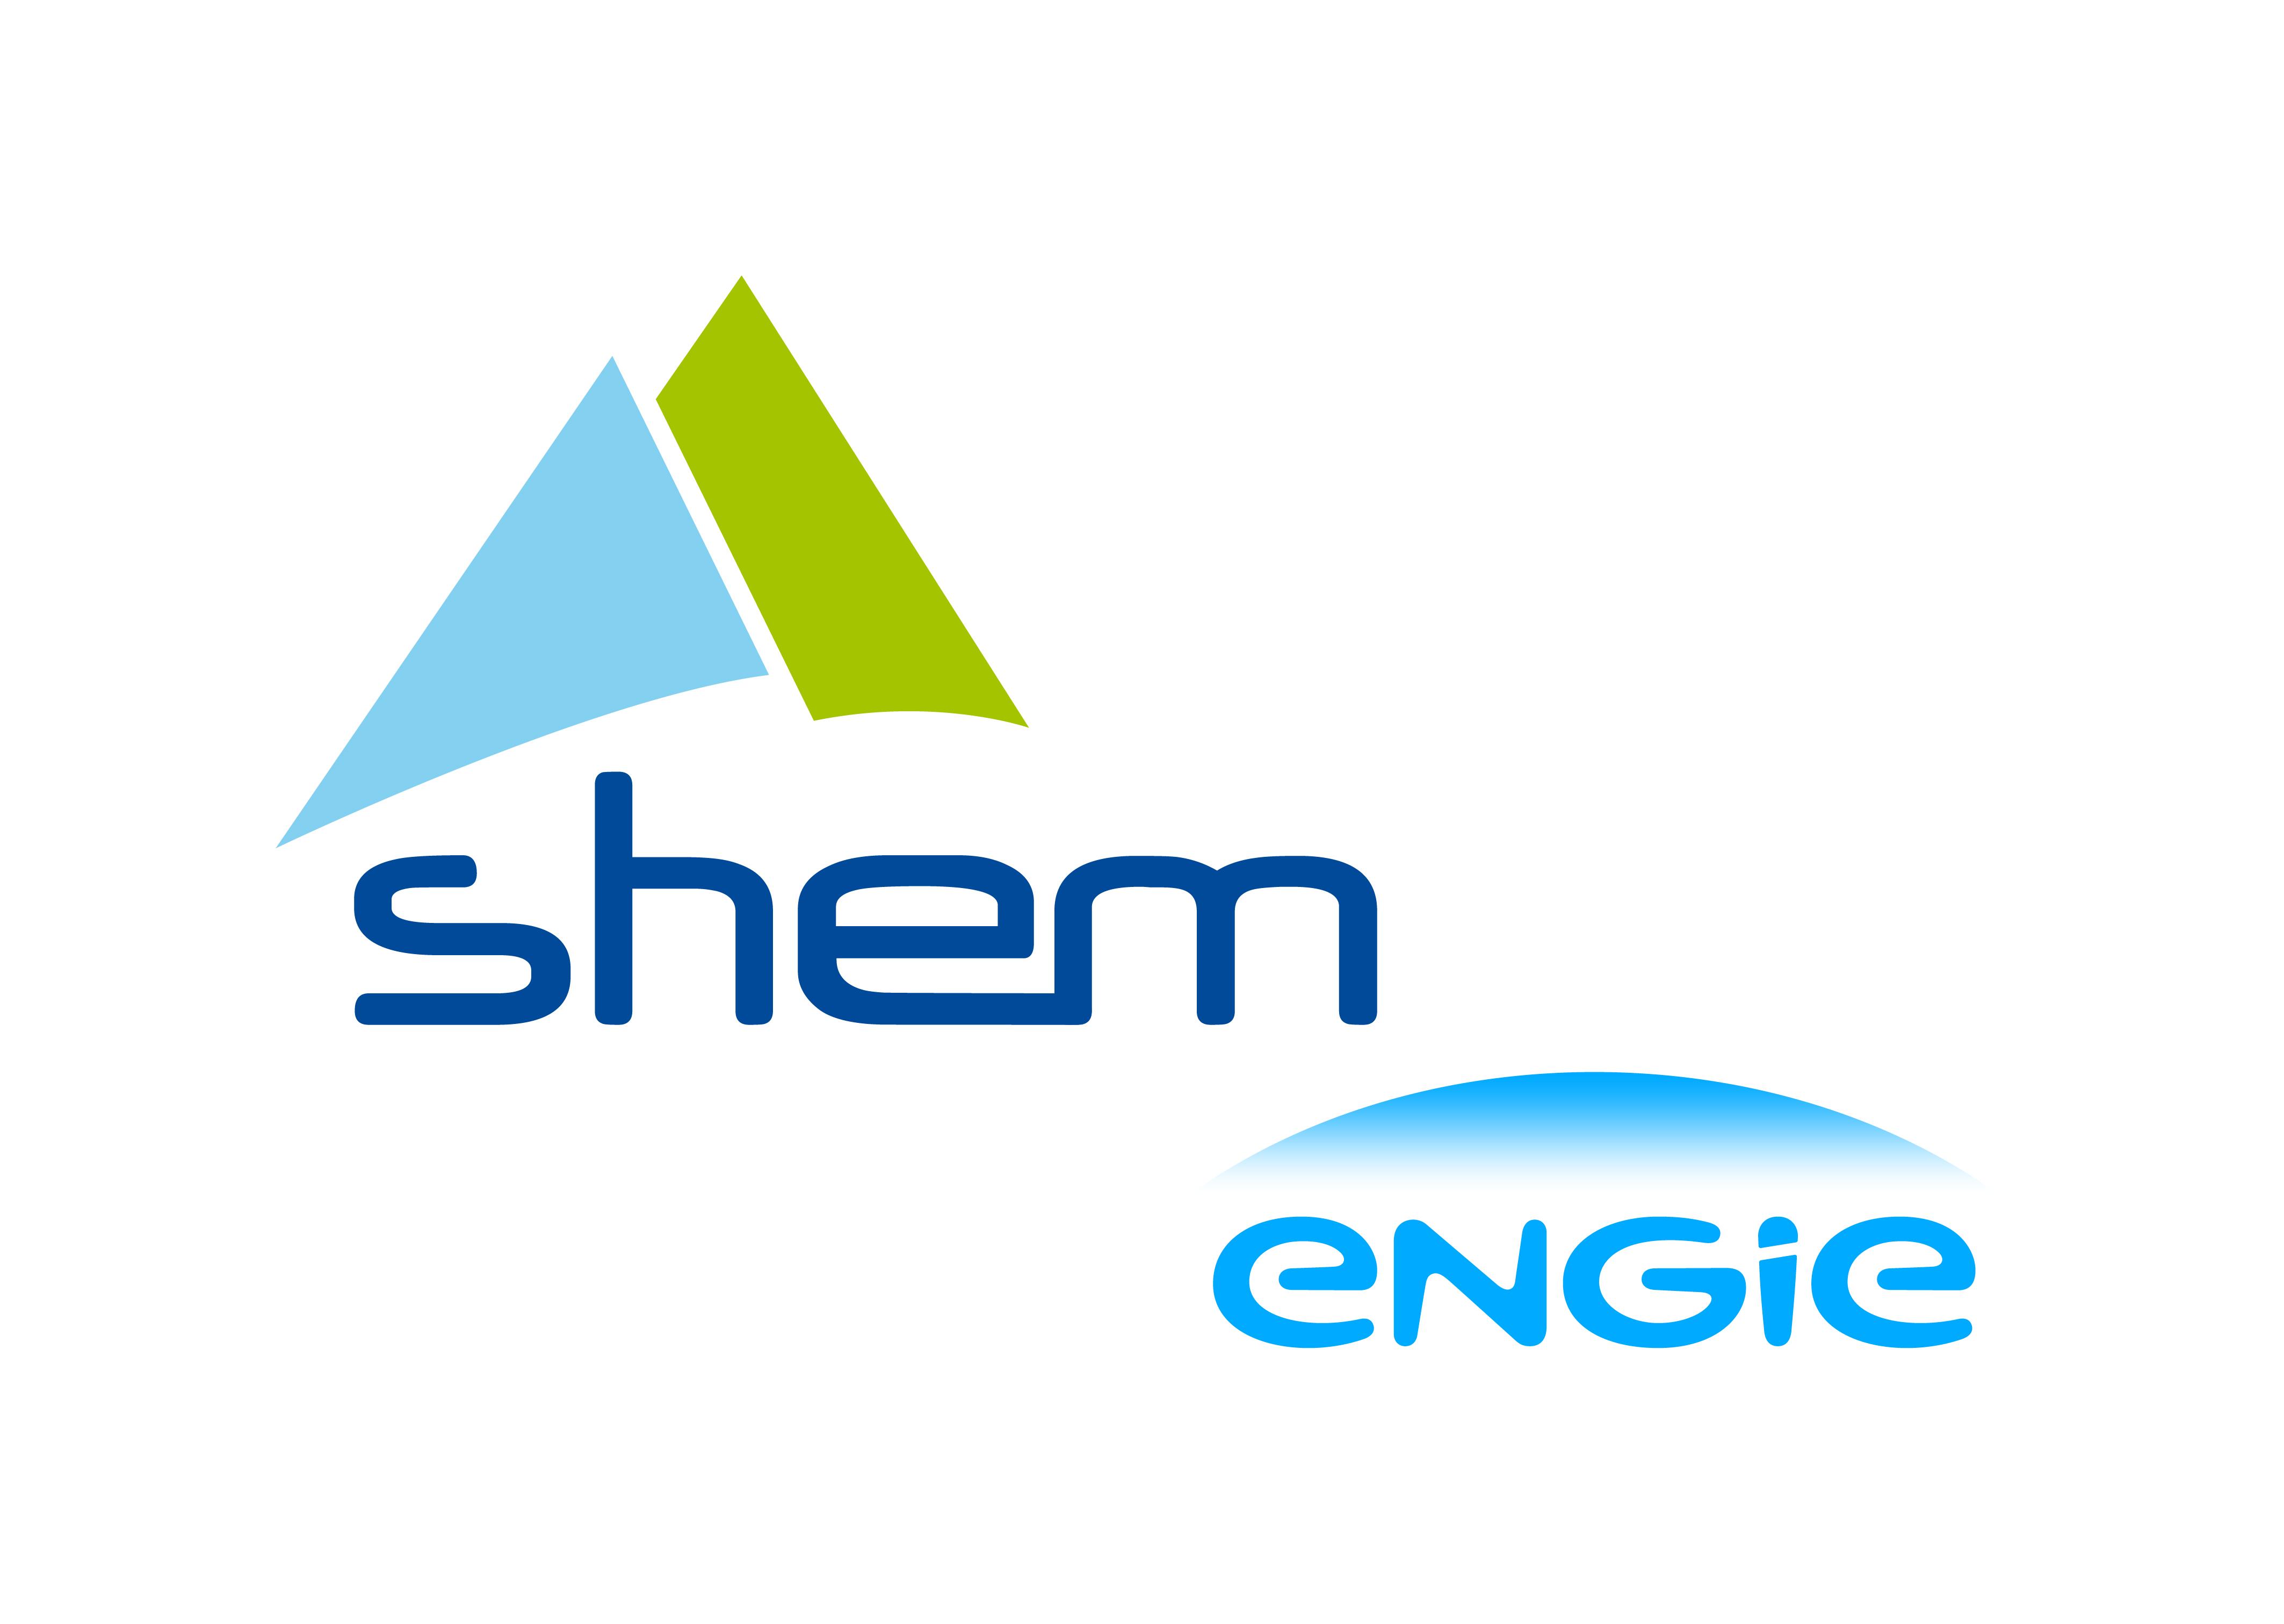 ENGIE shem gradient COLOR 01 RGB